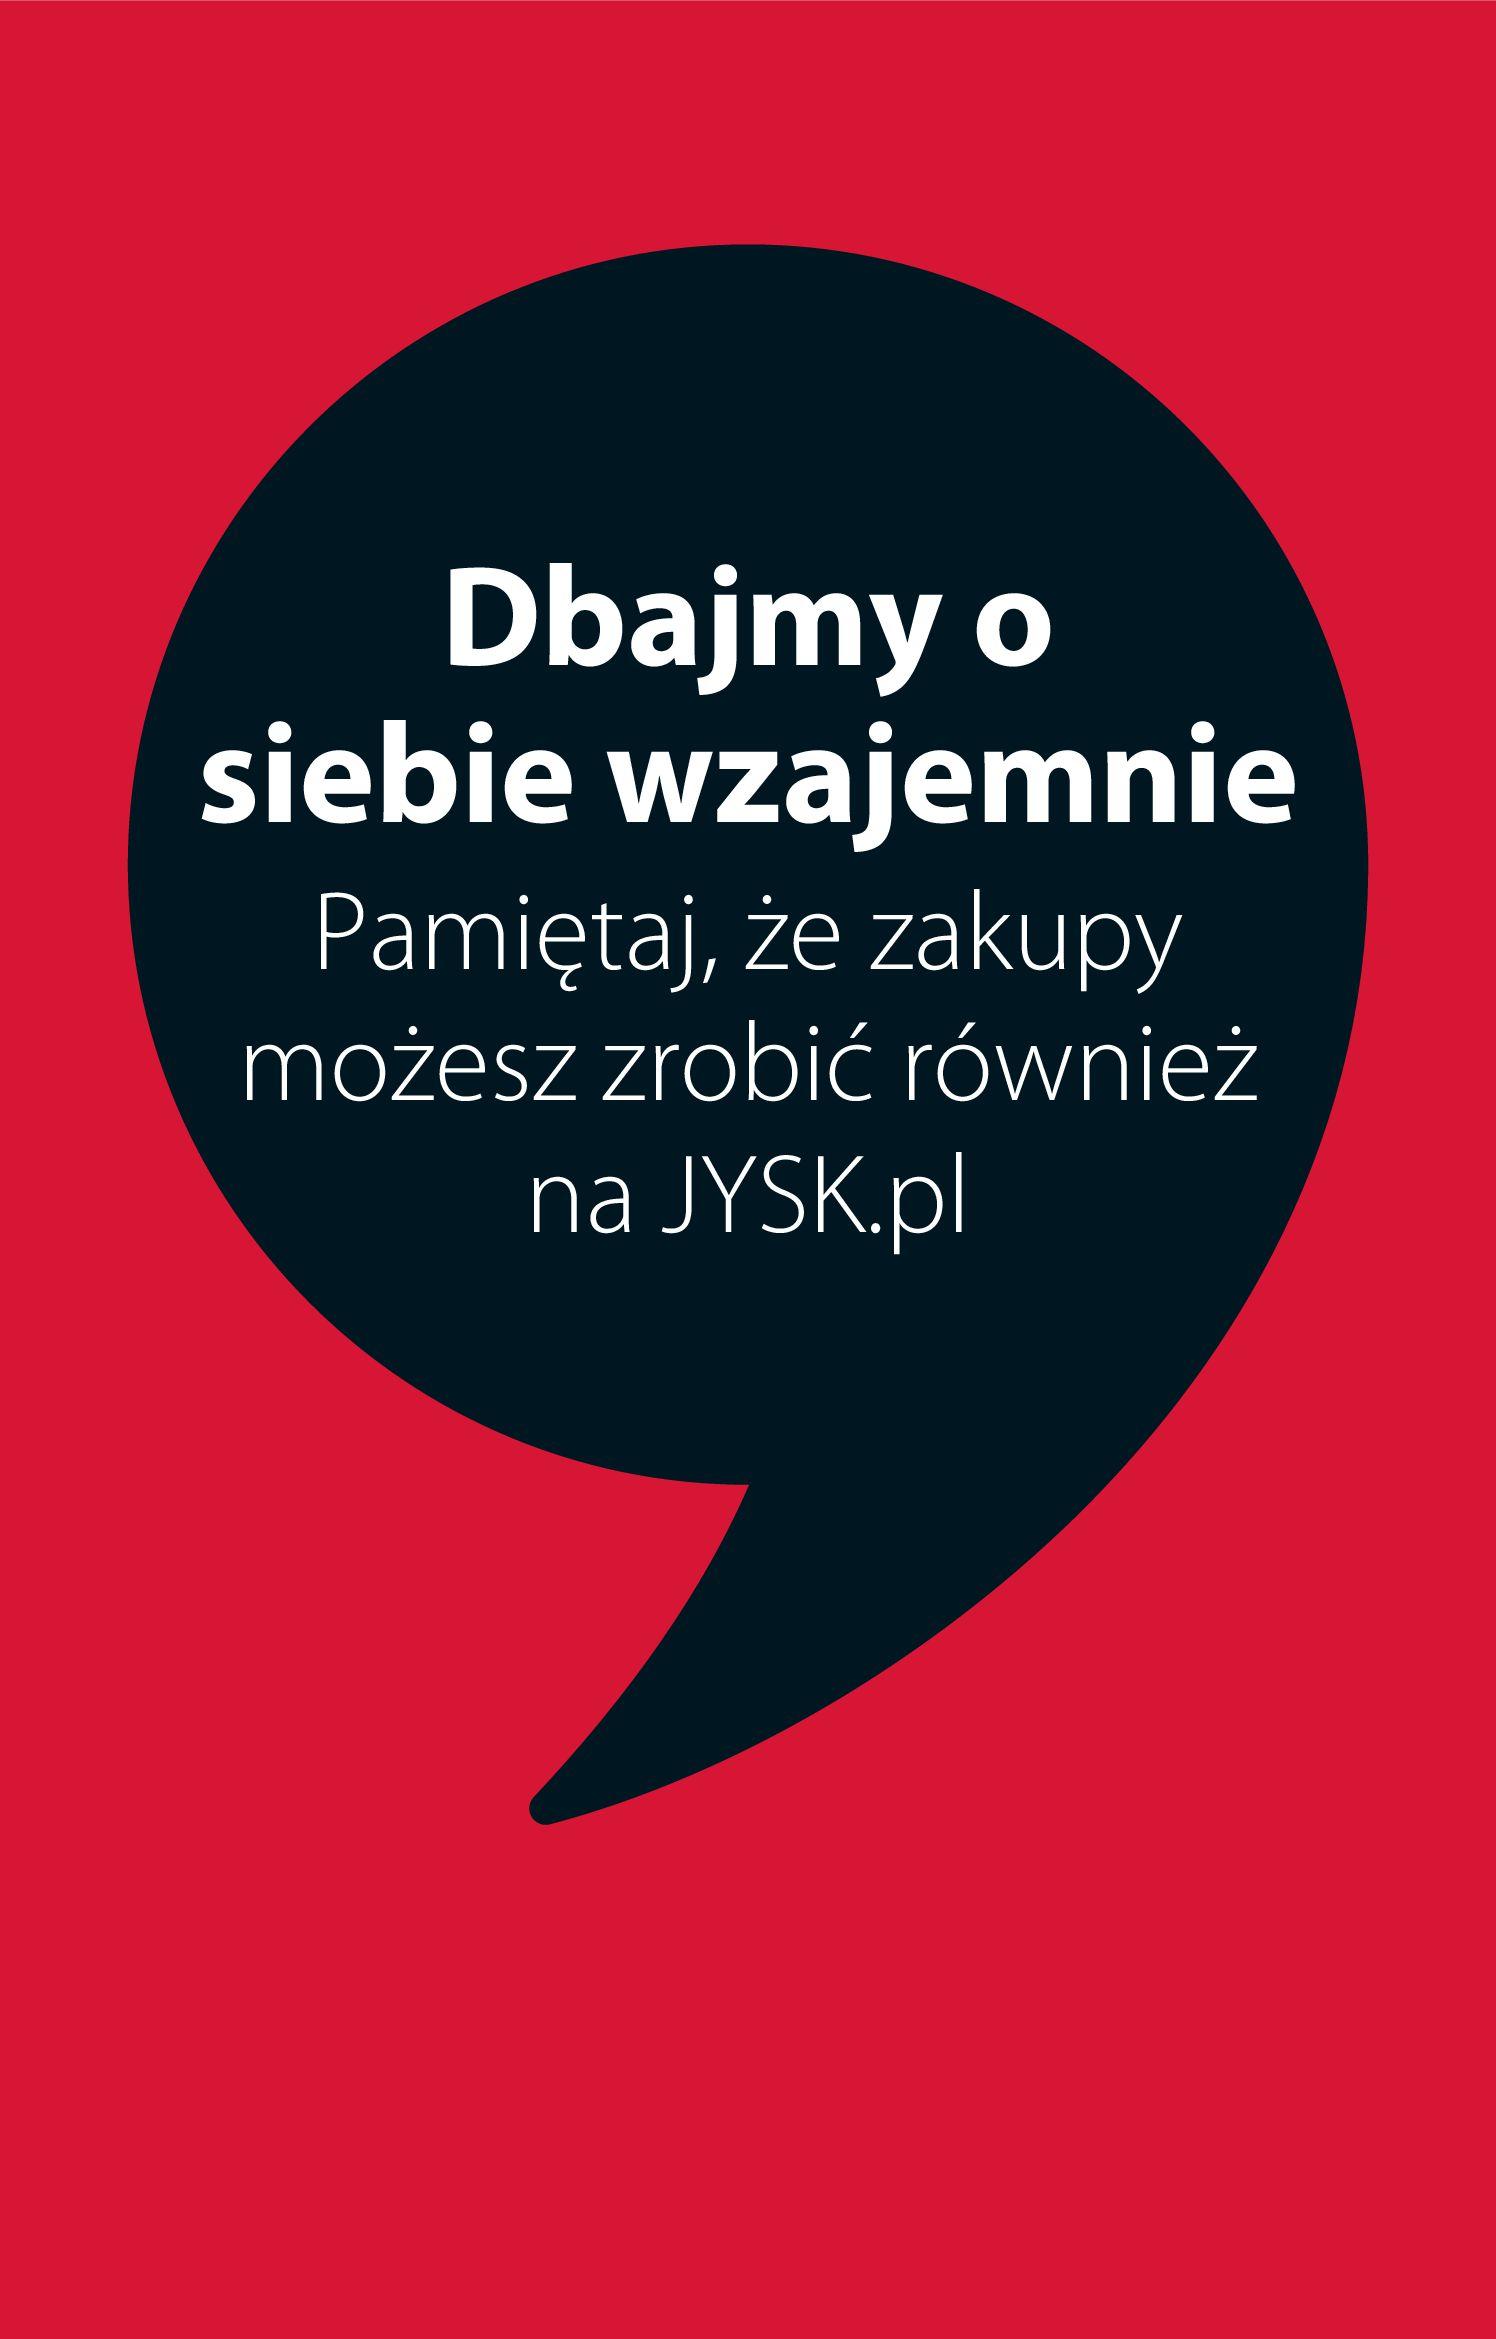 Jysk:  Gazetka Jysk 22.06.2021